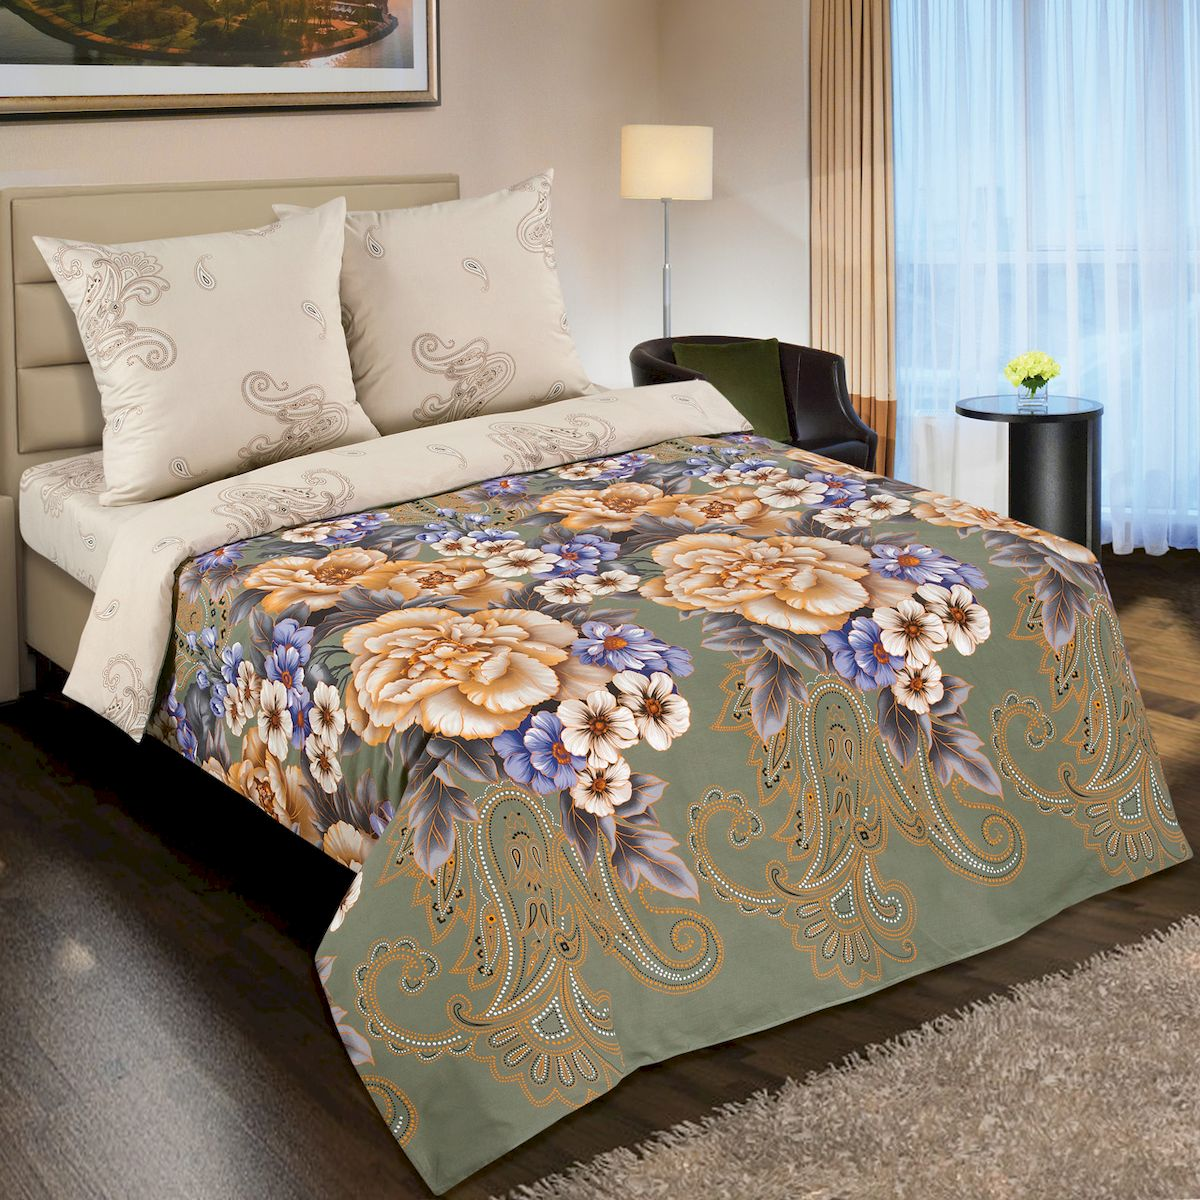 Комплект белья АртПостель Золотая вышивка, 1,5 спальное, наволочки 70 x 70. 900 артпостель в москве купить